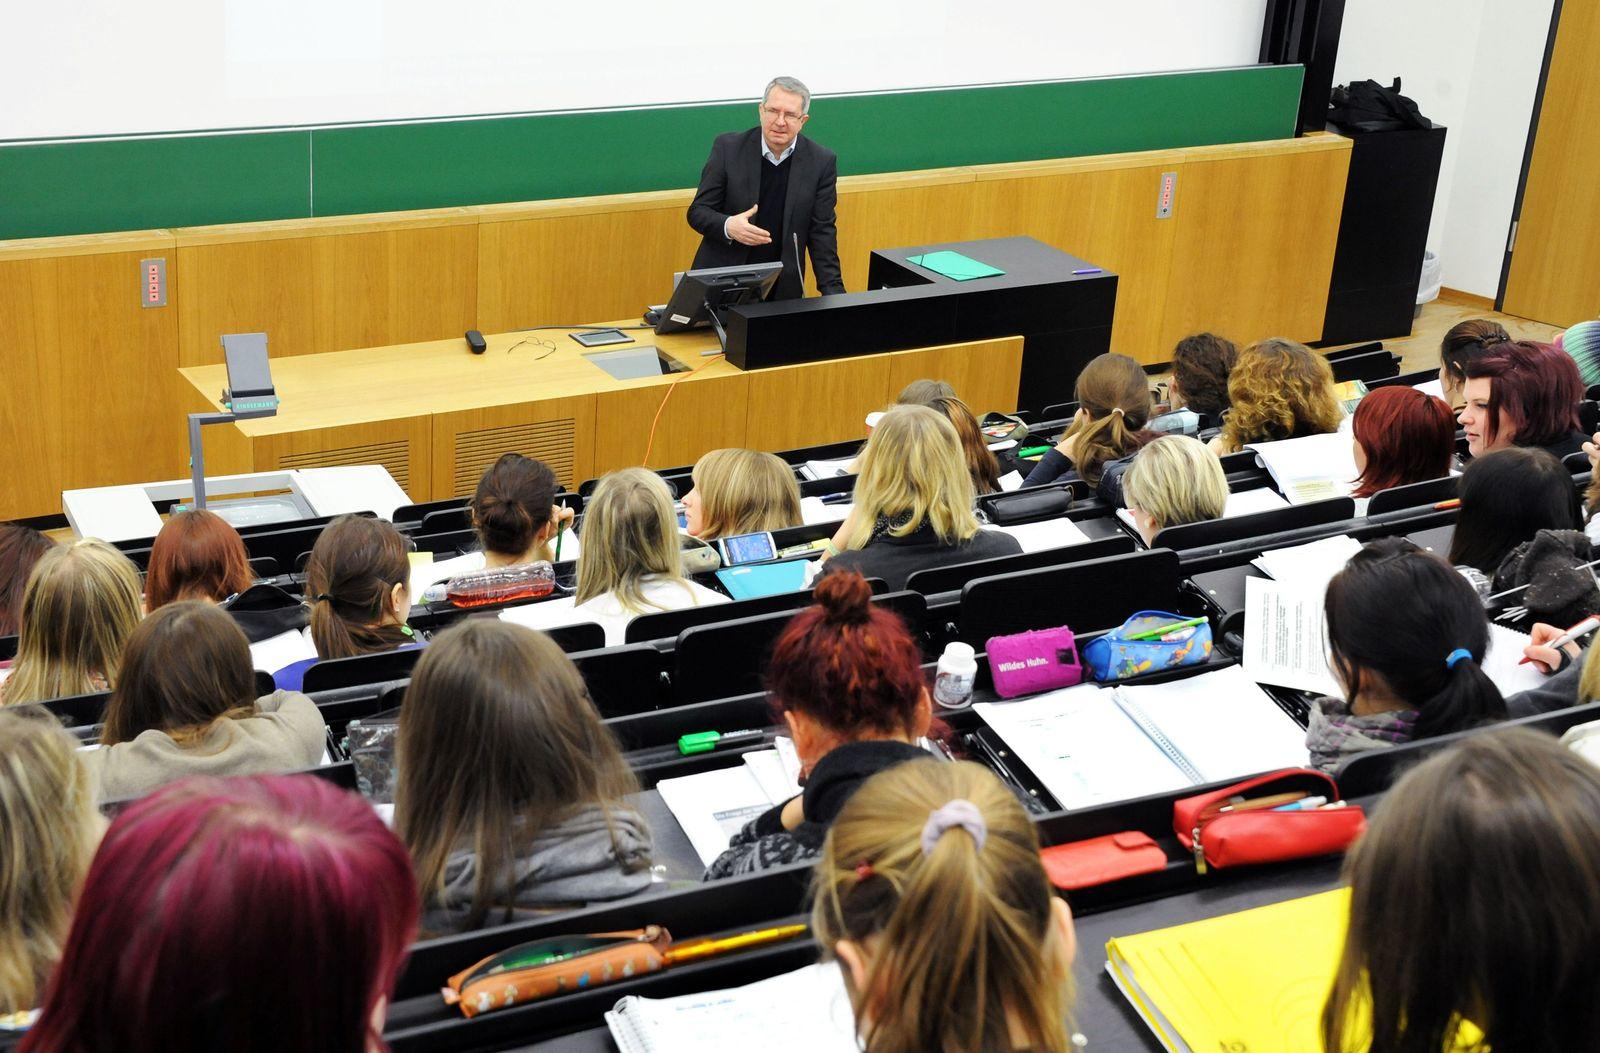 Lehrerstudenten / Lehramt / Studenten